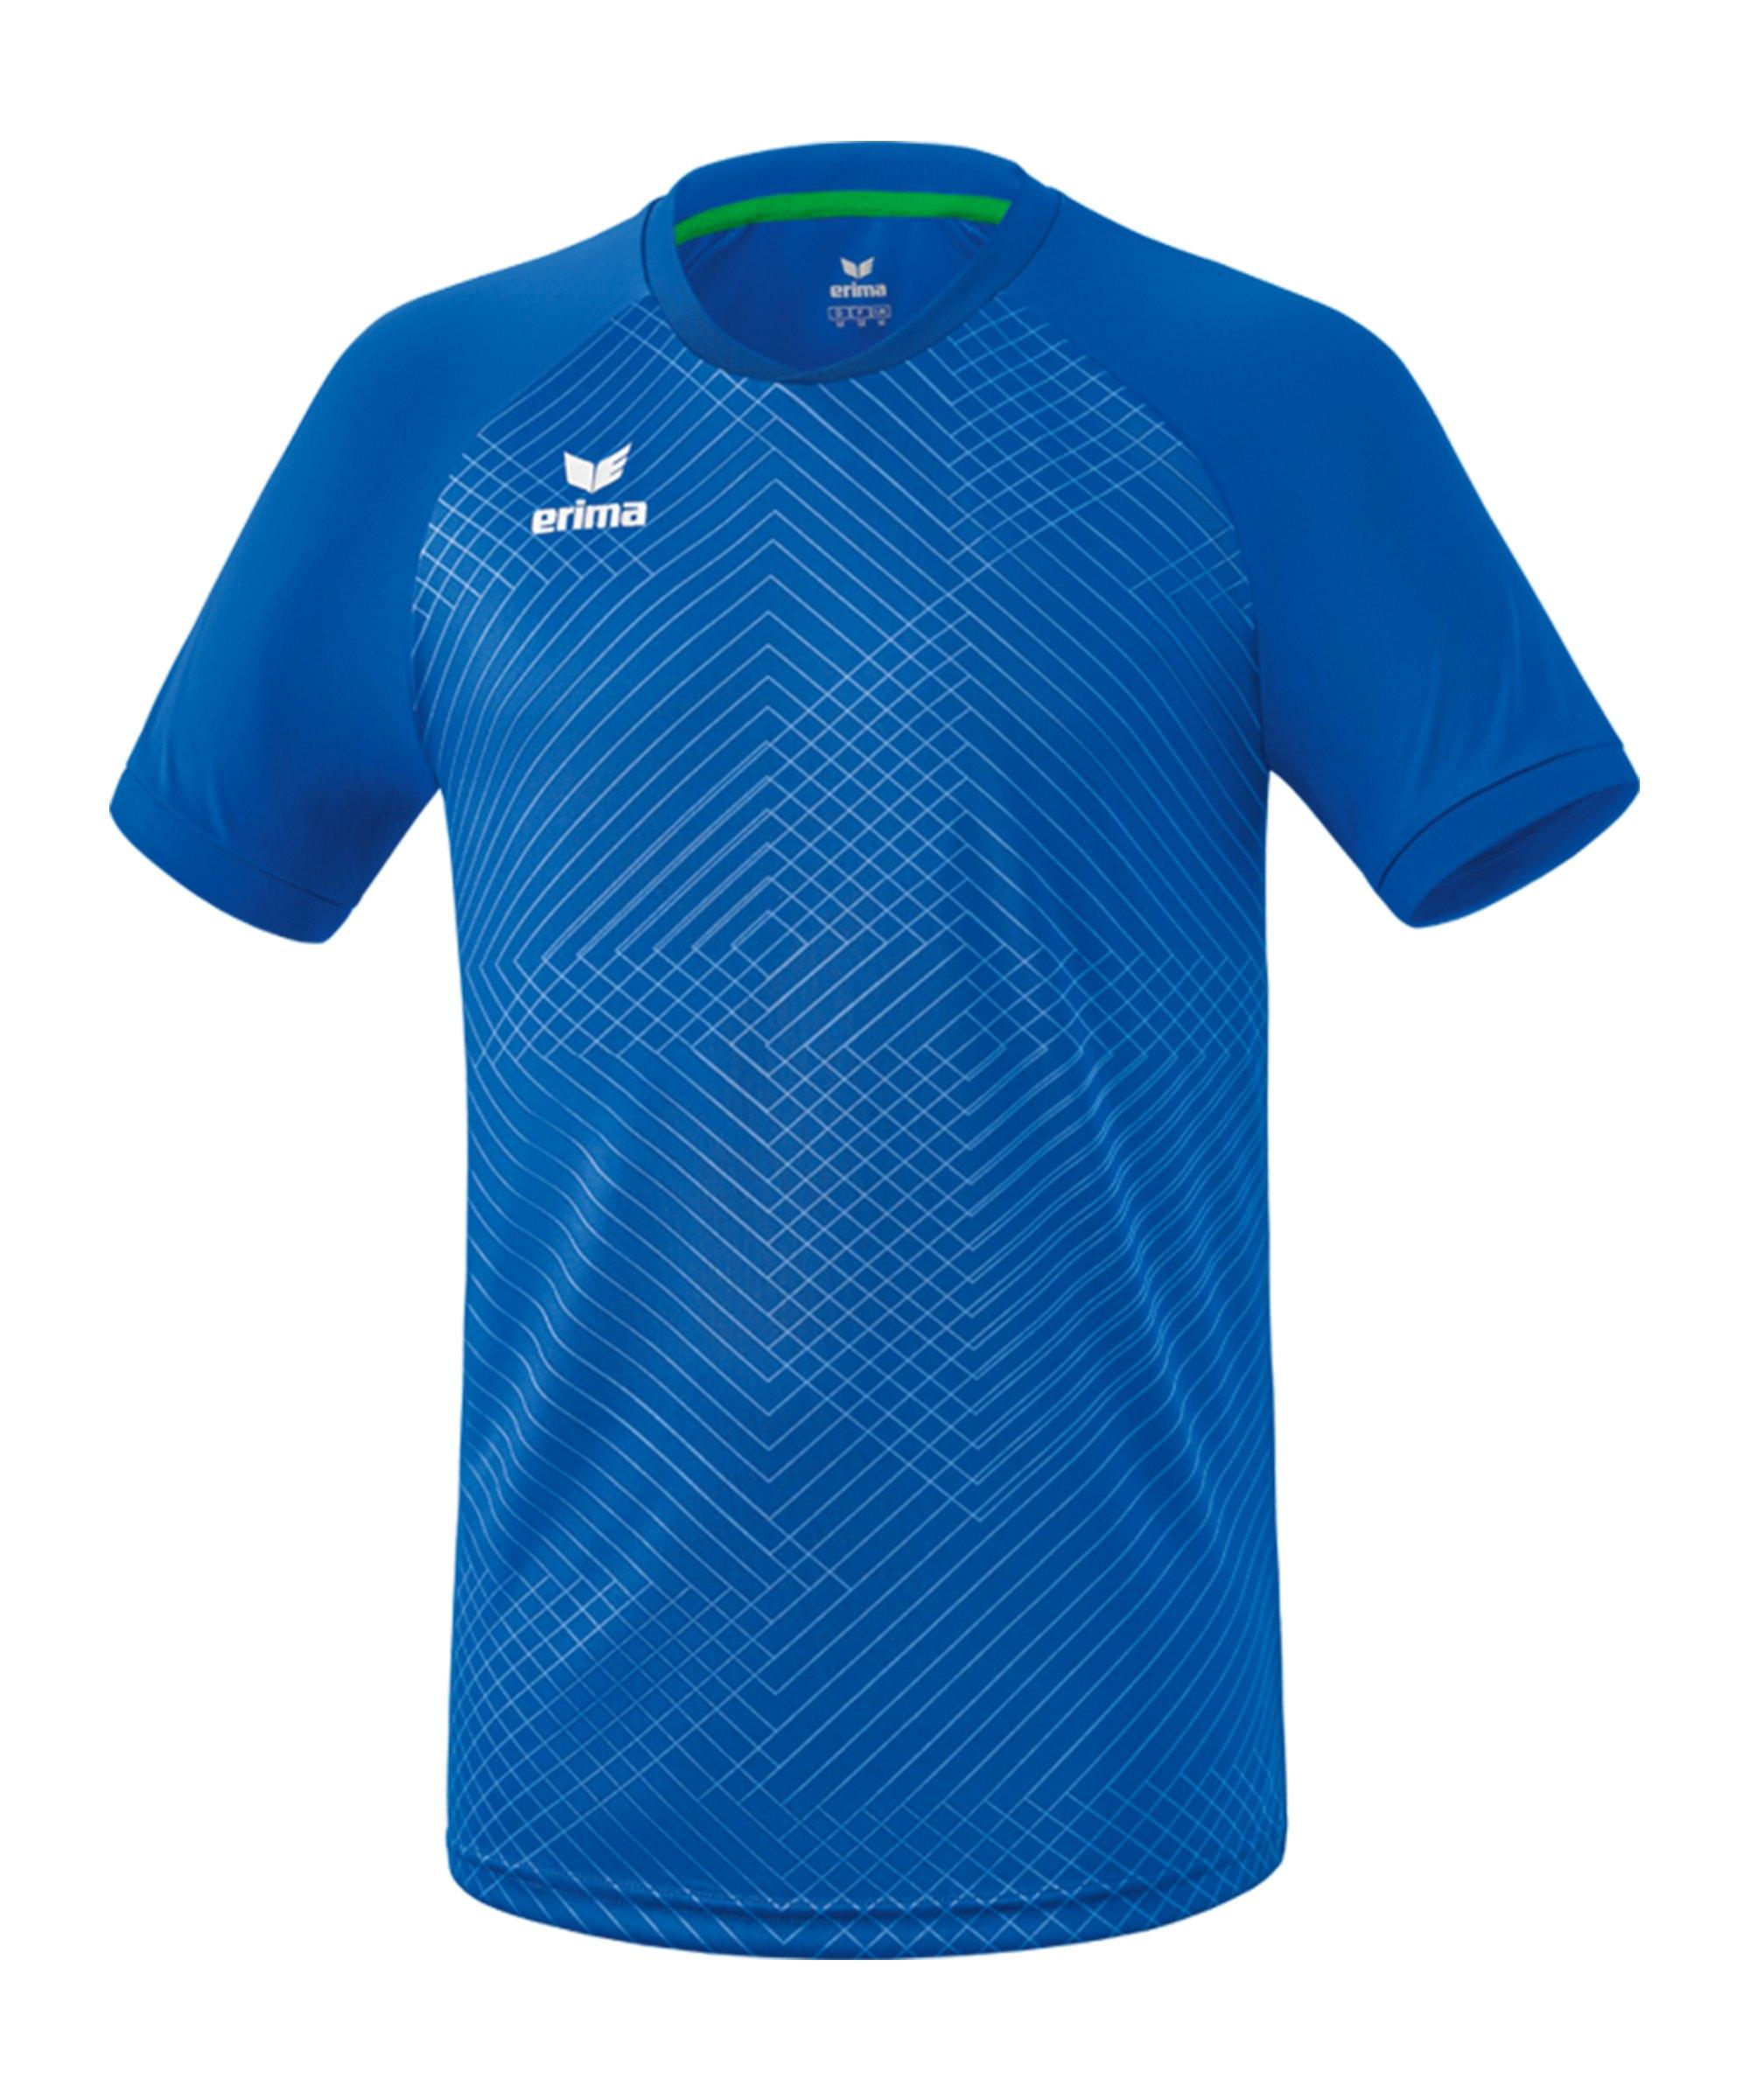 Erima Madrid Trikot Blau - blau